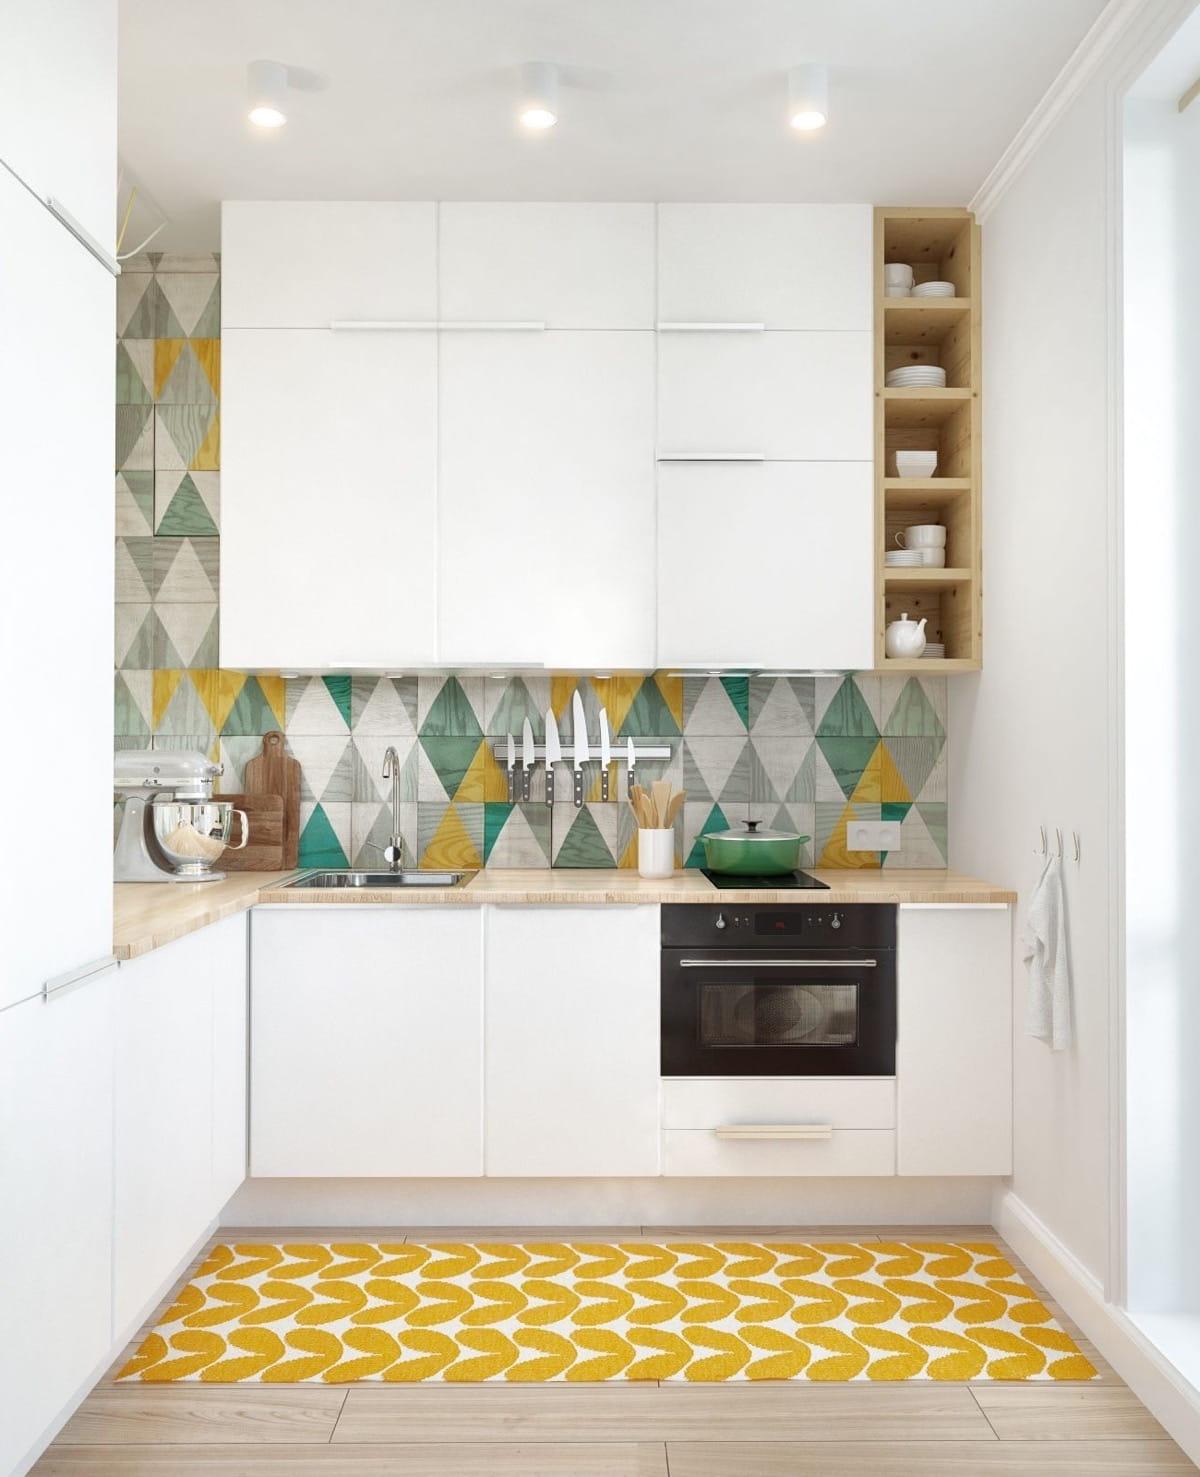 Цвет оформления стен и фасадов играет важную роль для правильной организации визуального увеличения пространства узкой кухни